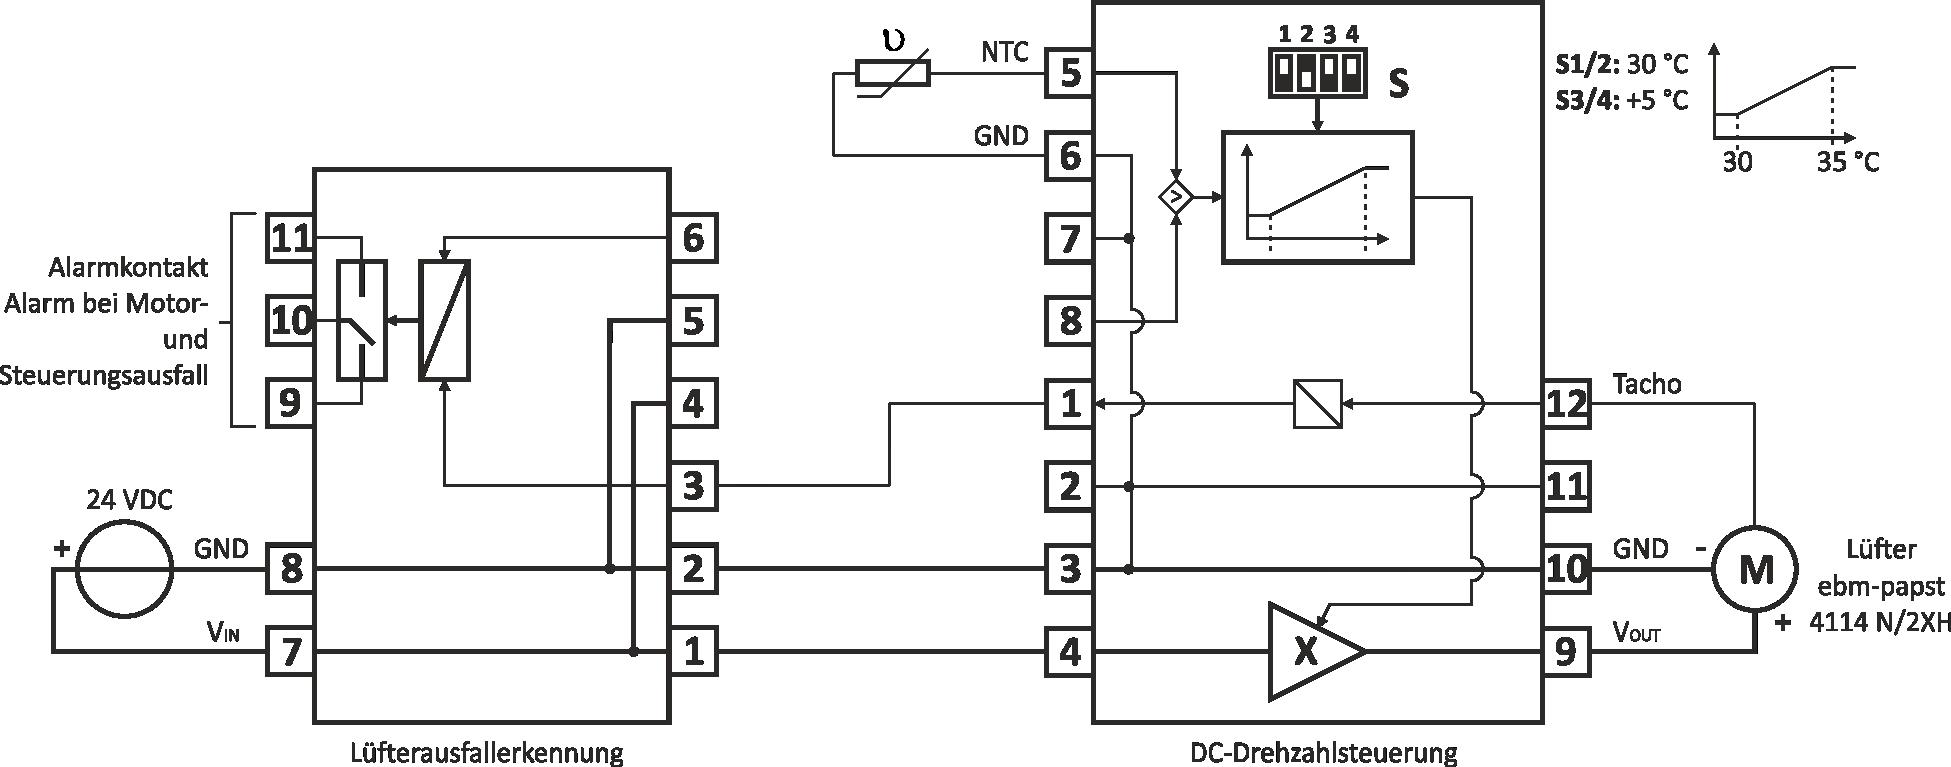 Anwendung als temperaturgeführte (NTC-Sensor) Drehzahlsteuerung eines ebm-papst Lüfters, Überwachung mit einer Lüfterausfallerkennung der Fa. KD Elektroniksysteme